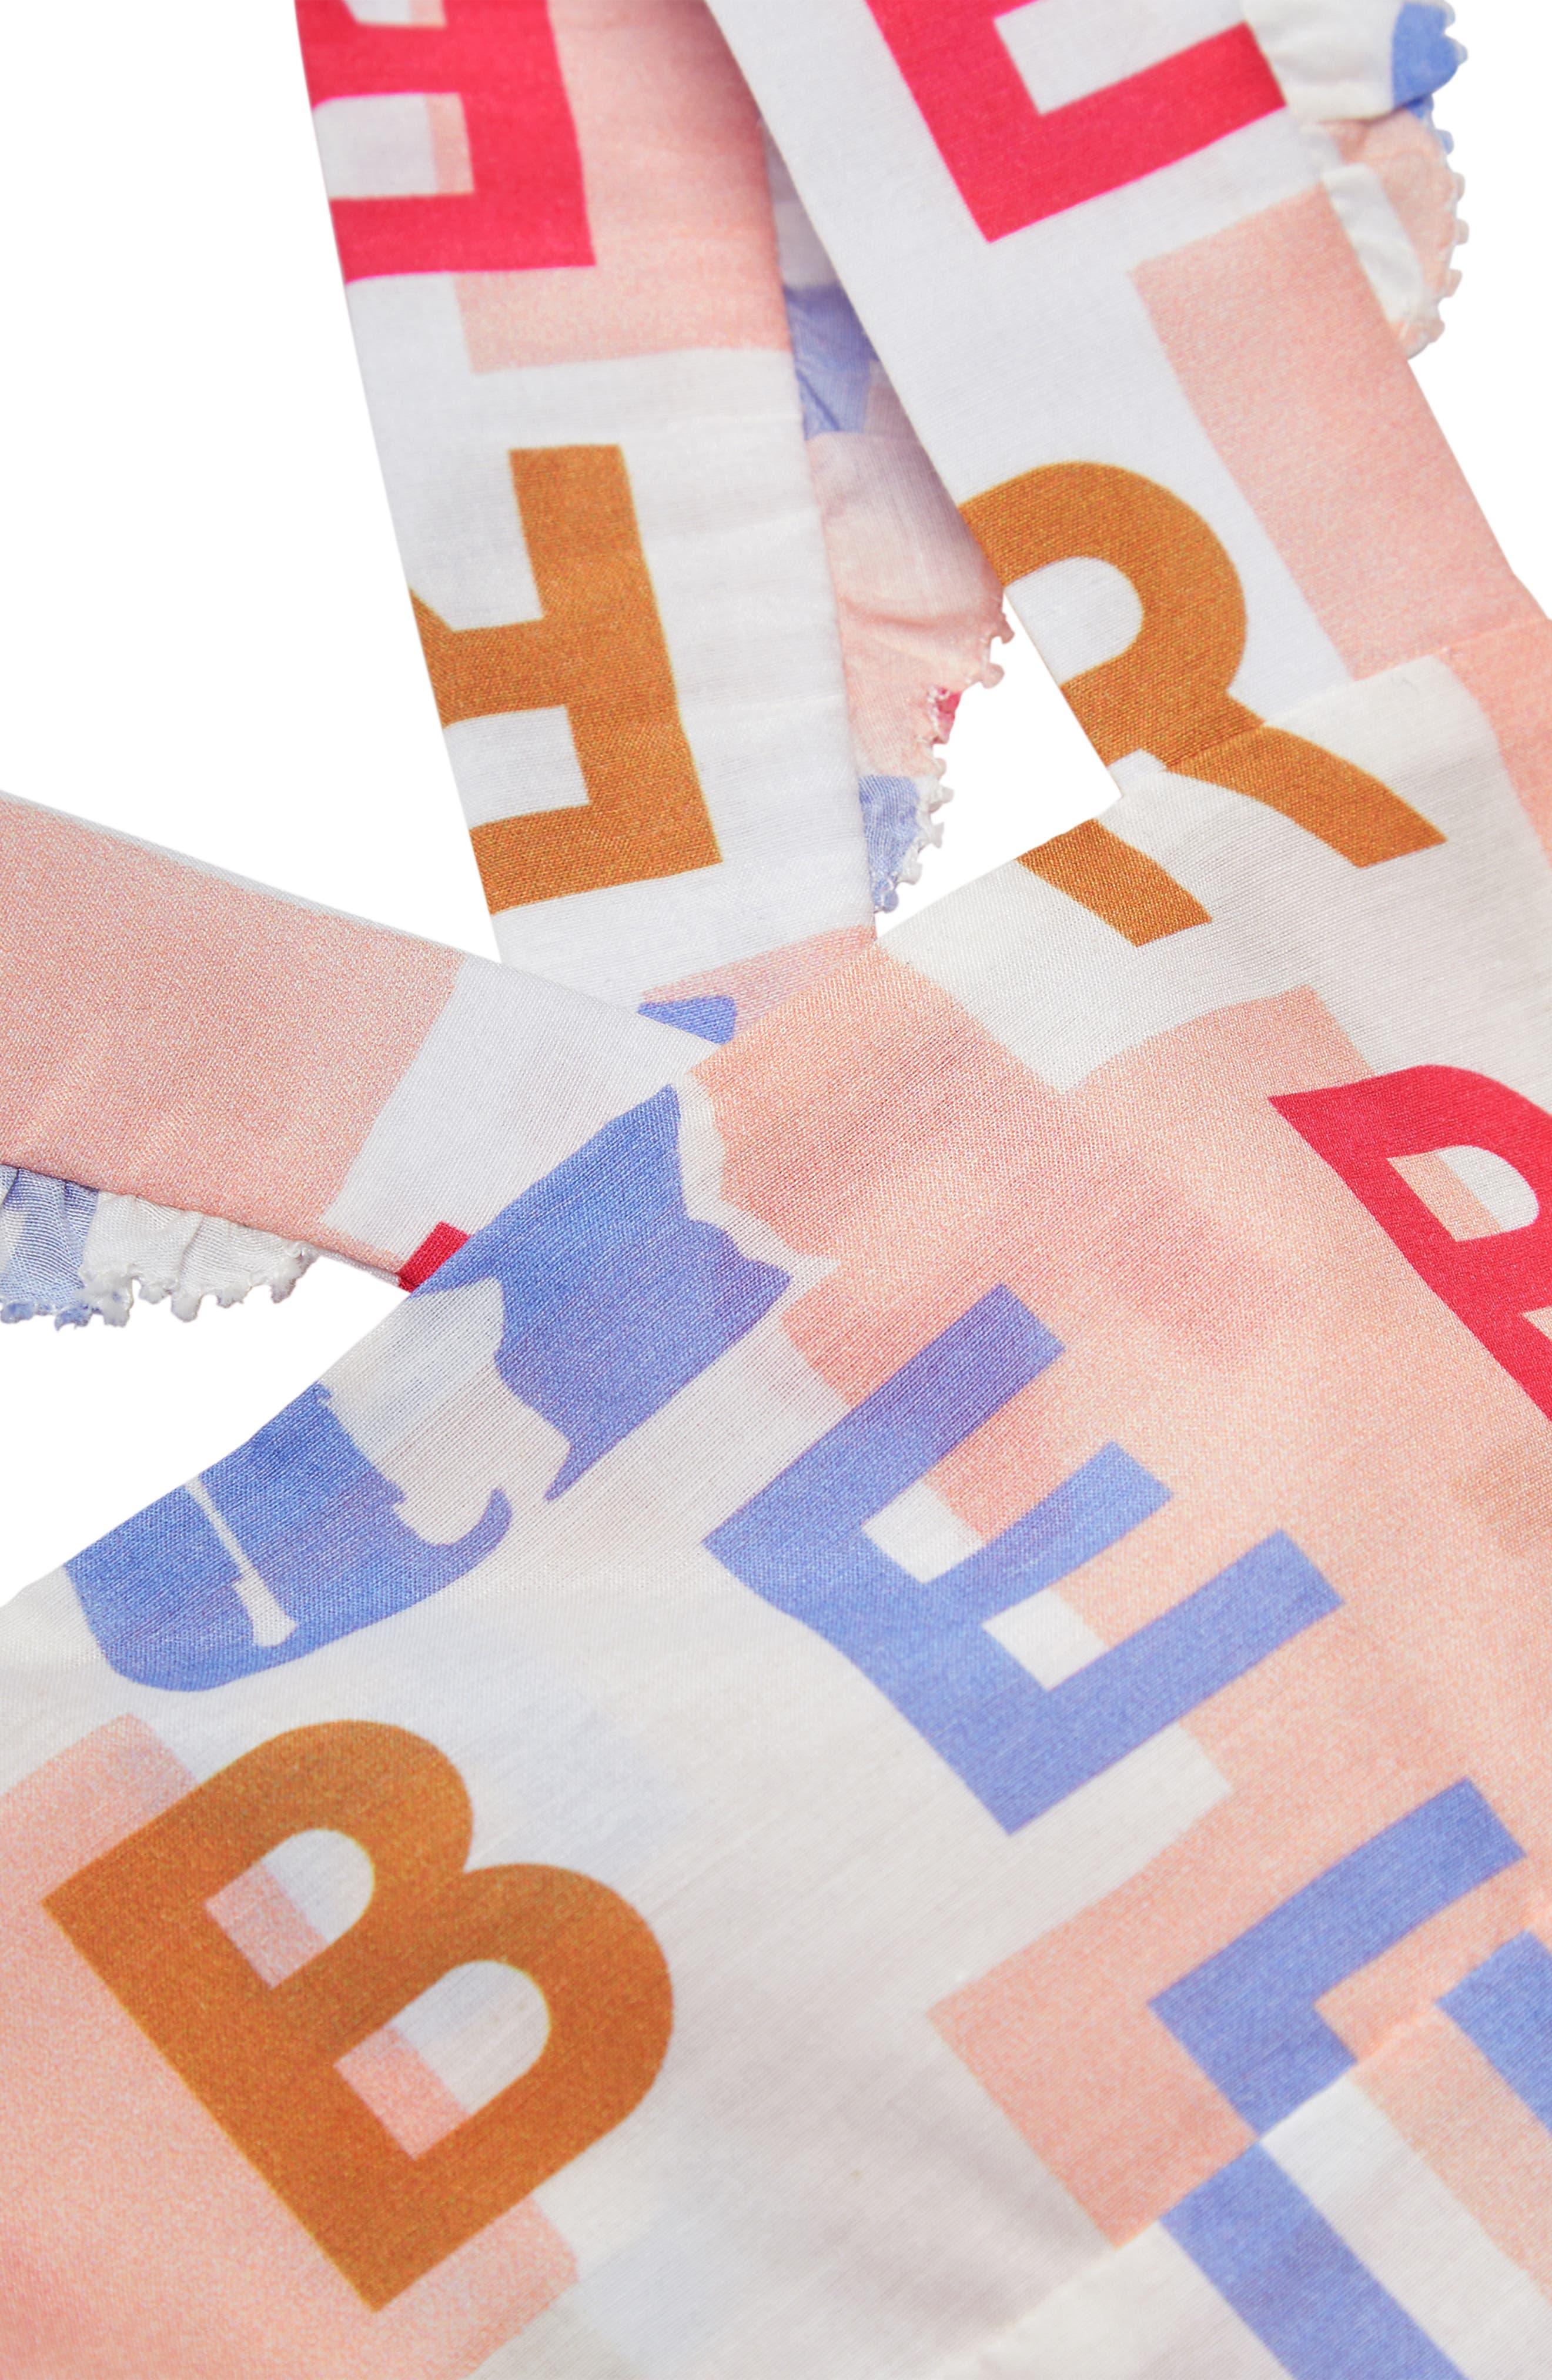 BURBERRY, Burbery Mini Livia Cotton & Silk Pinafore Dress, Alternate thumbnail 3, color, PALE ROSE